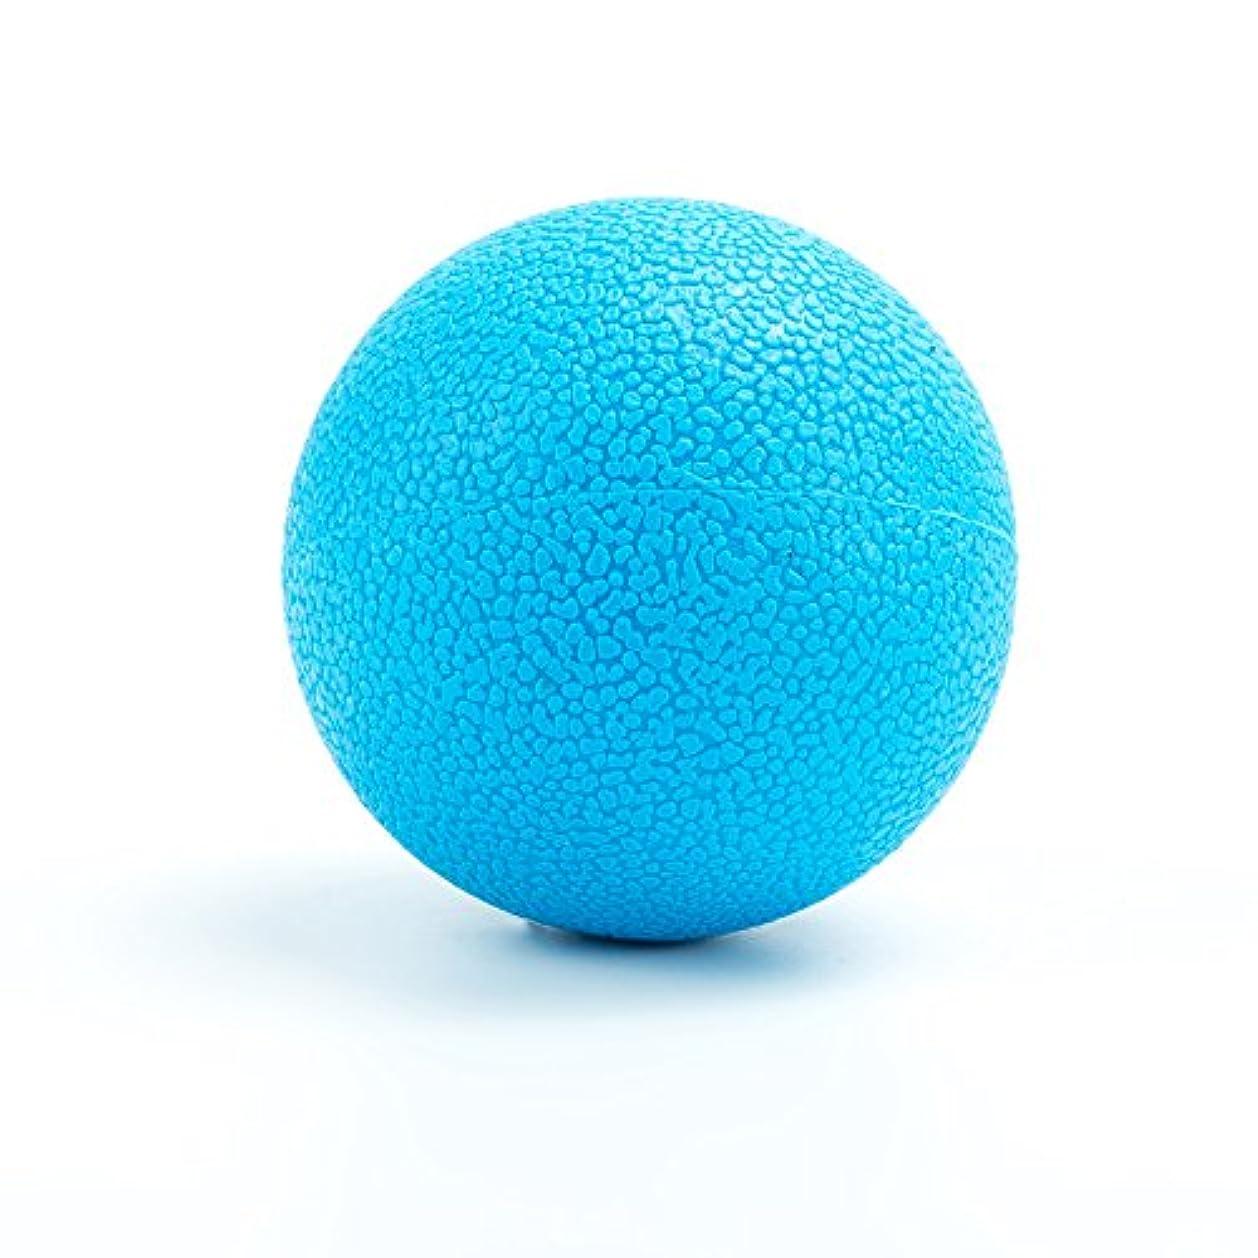 構成員猫背広々Massage Ball マッサージボール 筋膜リリース Yoga Lacrosse Ball 背中 肩こり 腰 ふくらはぎ 足裏 ツボ押しグッズ